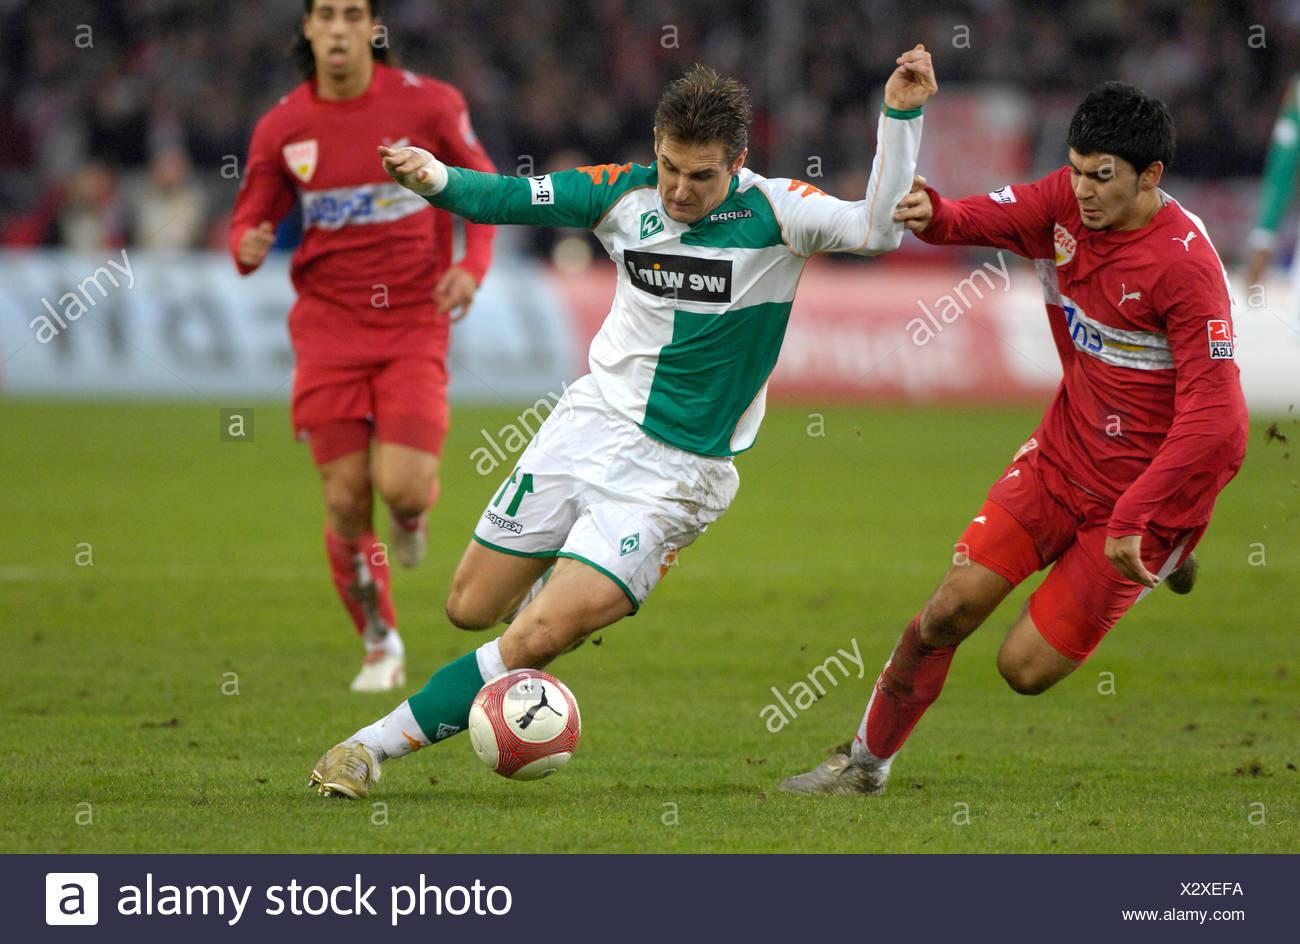 Serdar TASCI VfB Stuttgart (left) vs. Miroslav KLOSE Werder Bremen (right) - Stock Image